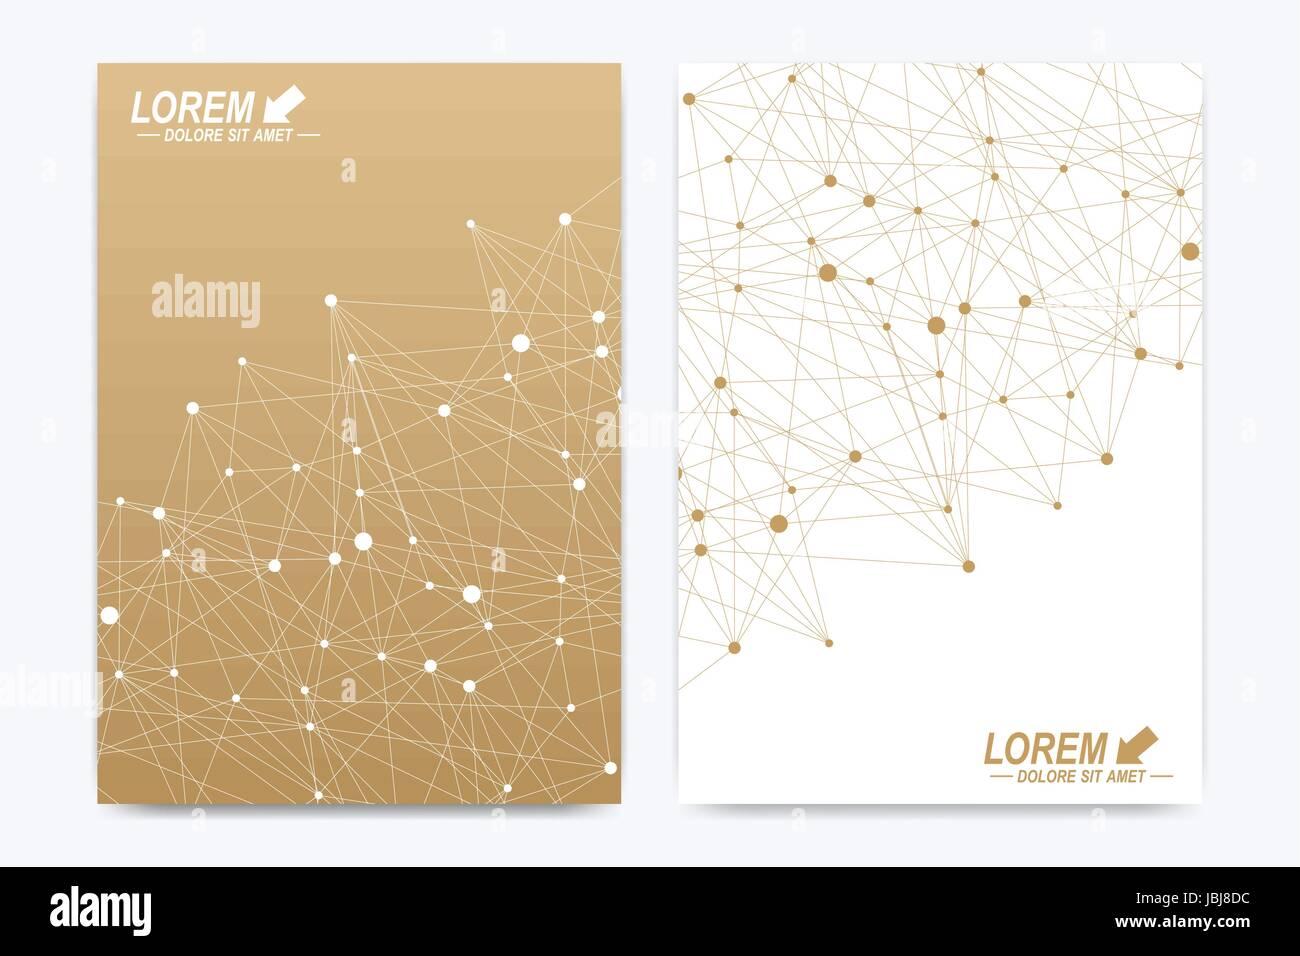 Vektor-Vorlage für die Broschüre, Broschüre, Flyer, Werbung ...